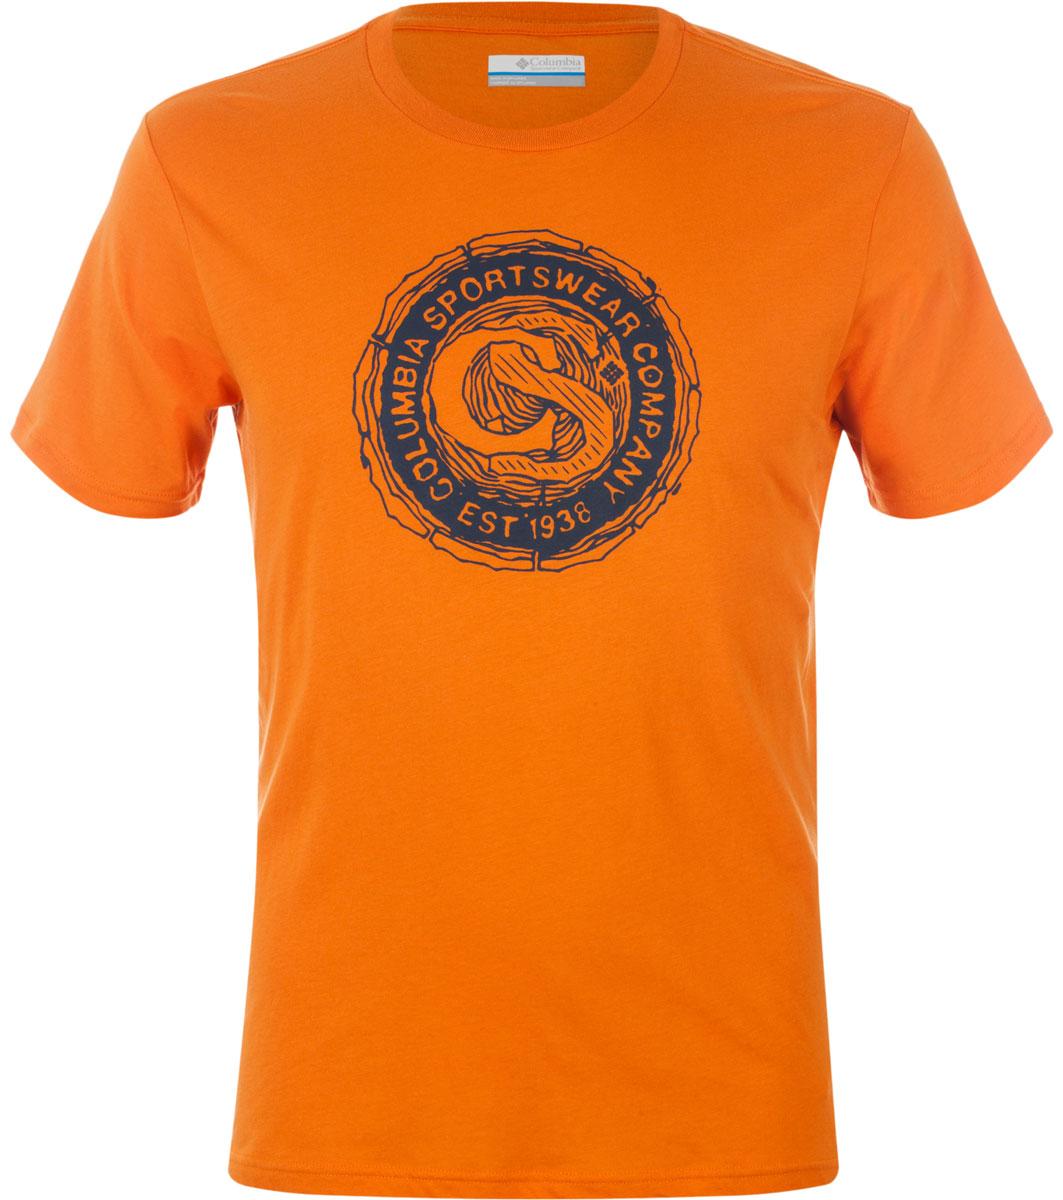 Футболка мужская Columbia Carved Ridge SS T-shirt, цвет: оранжевый. 1713461-996. Размер S (44/46)1713461-996Футболка Columbia - оптимальный вариант для активного отдыха и повседневного использования. Модель выполнена из хлопка, что обеспечивает максимально комфортные ощущения во время использования. Крупный принт на груди придает изделию оригинальность.